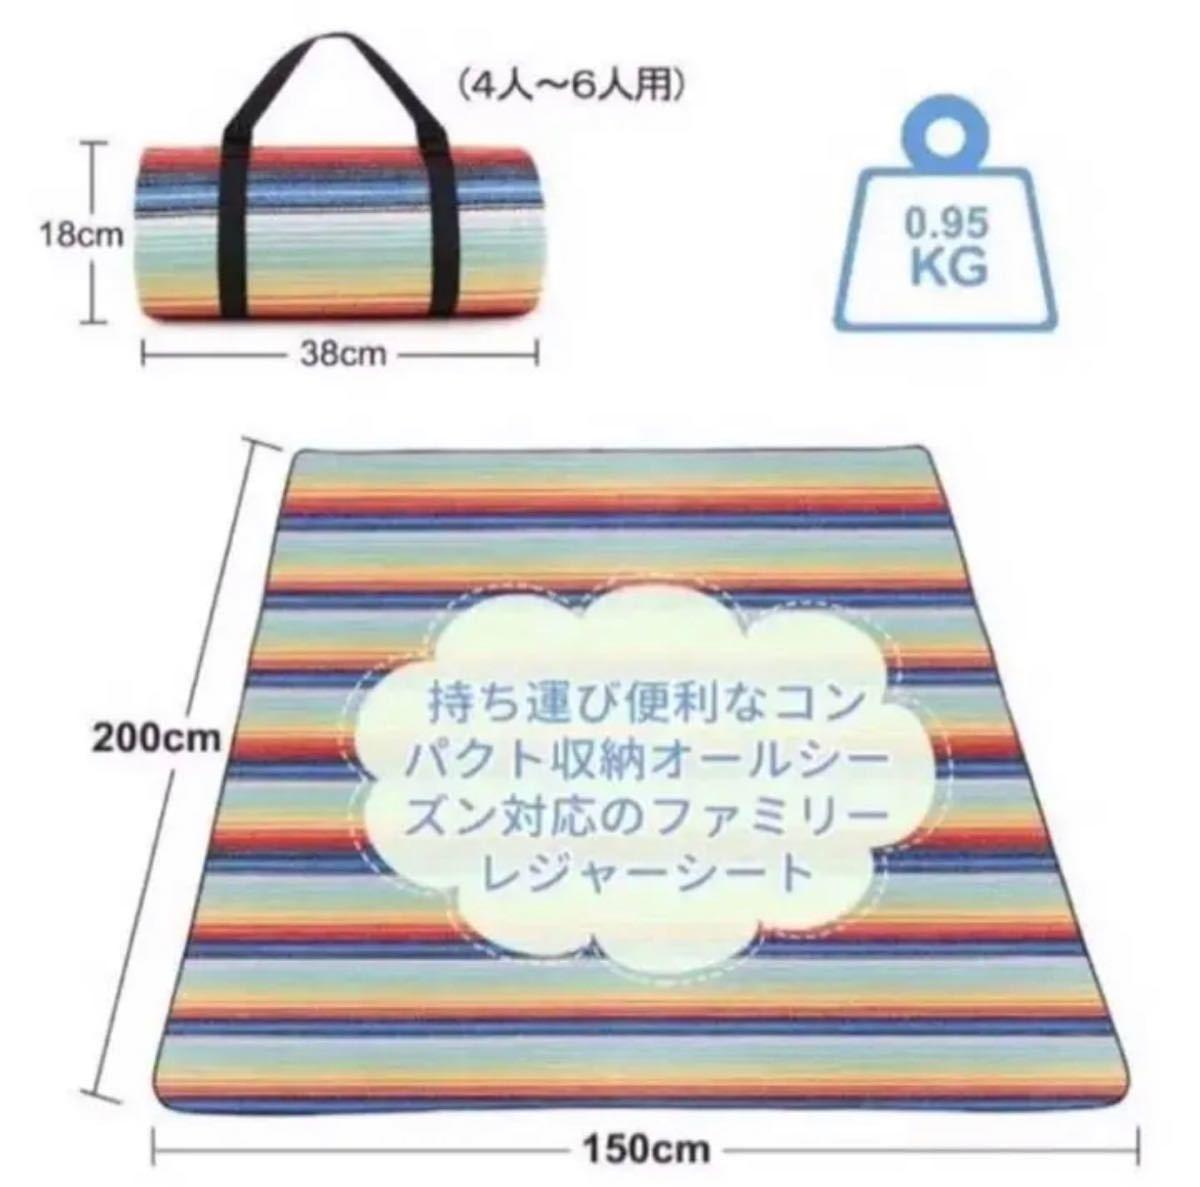 【大柄赤チェック】 レジャーシート 大判 厚手 200×150 アウトドア